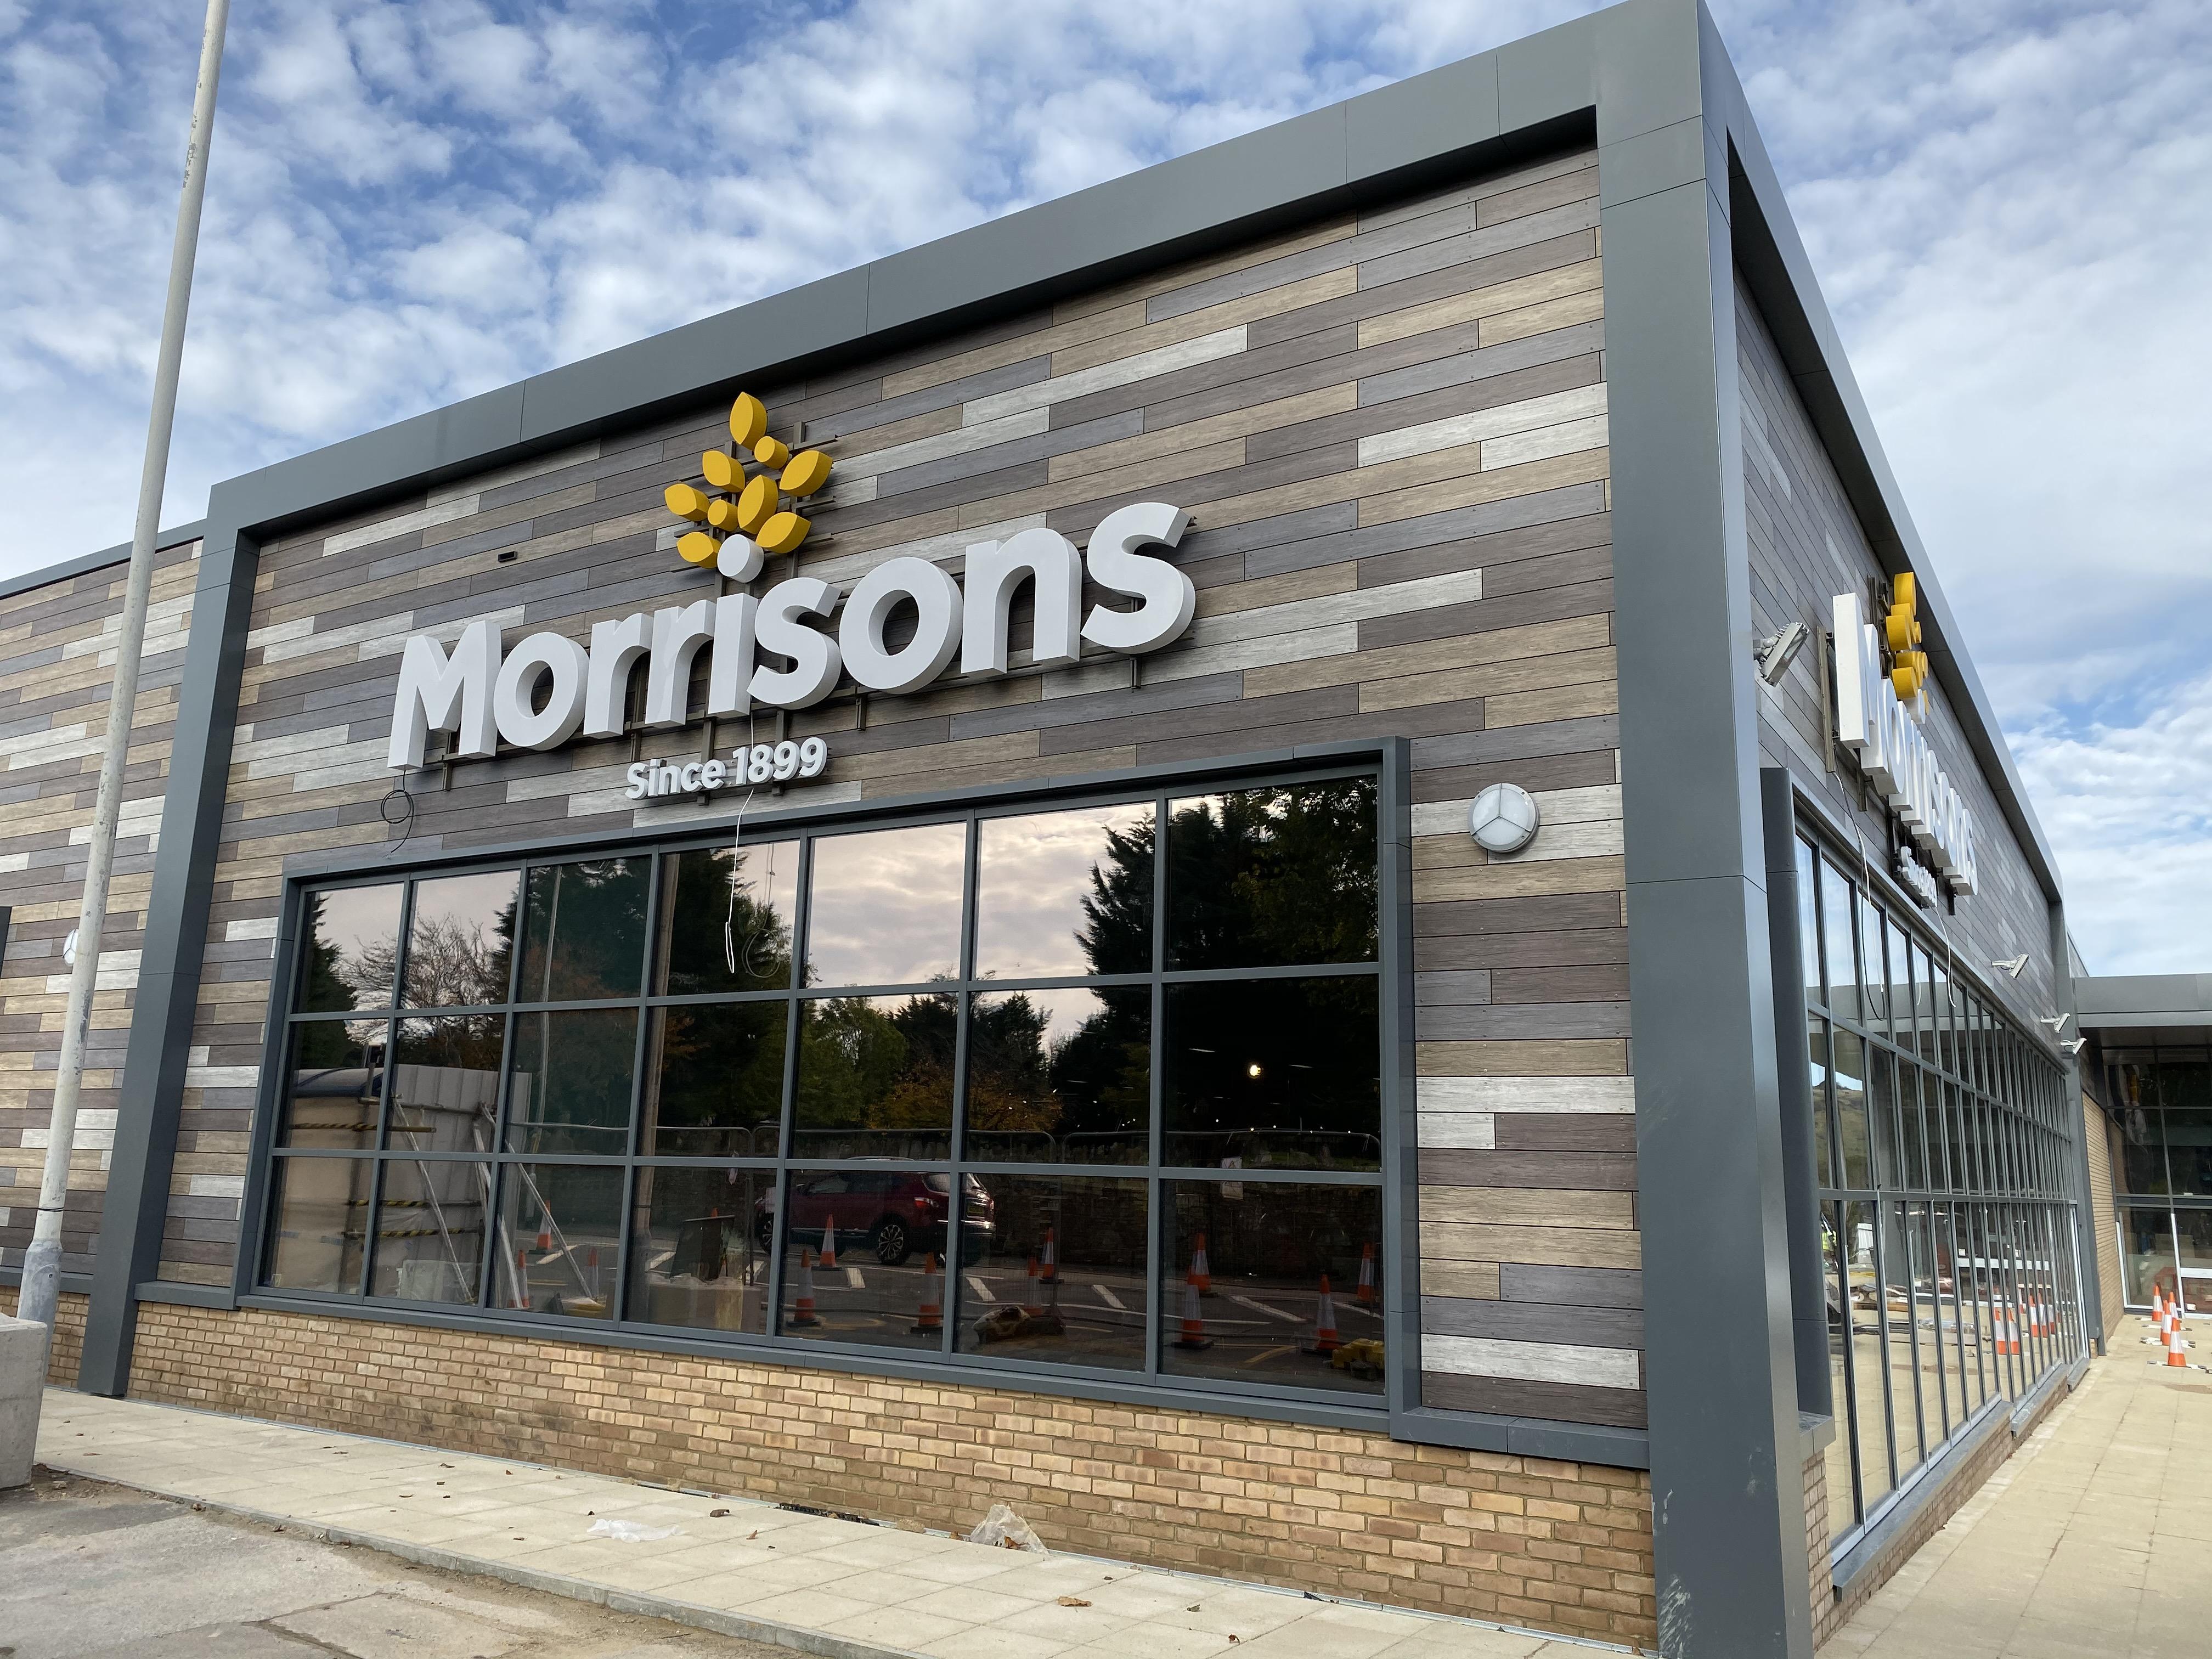 Morrison's – Folkestone